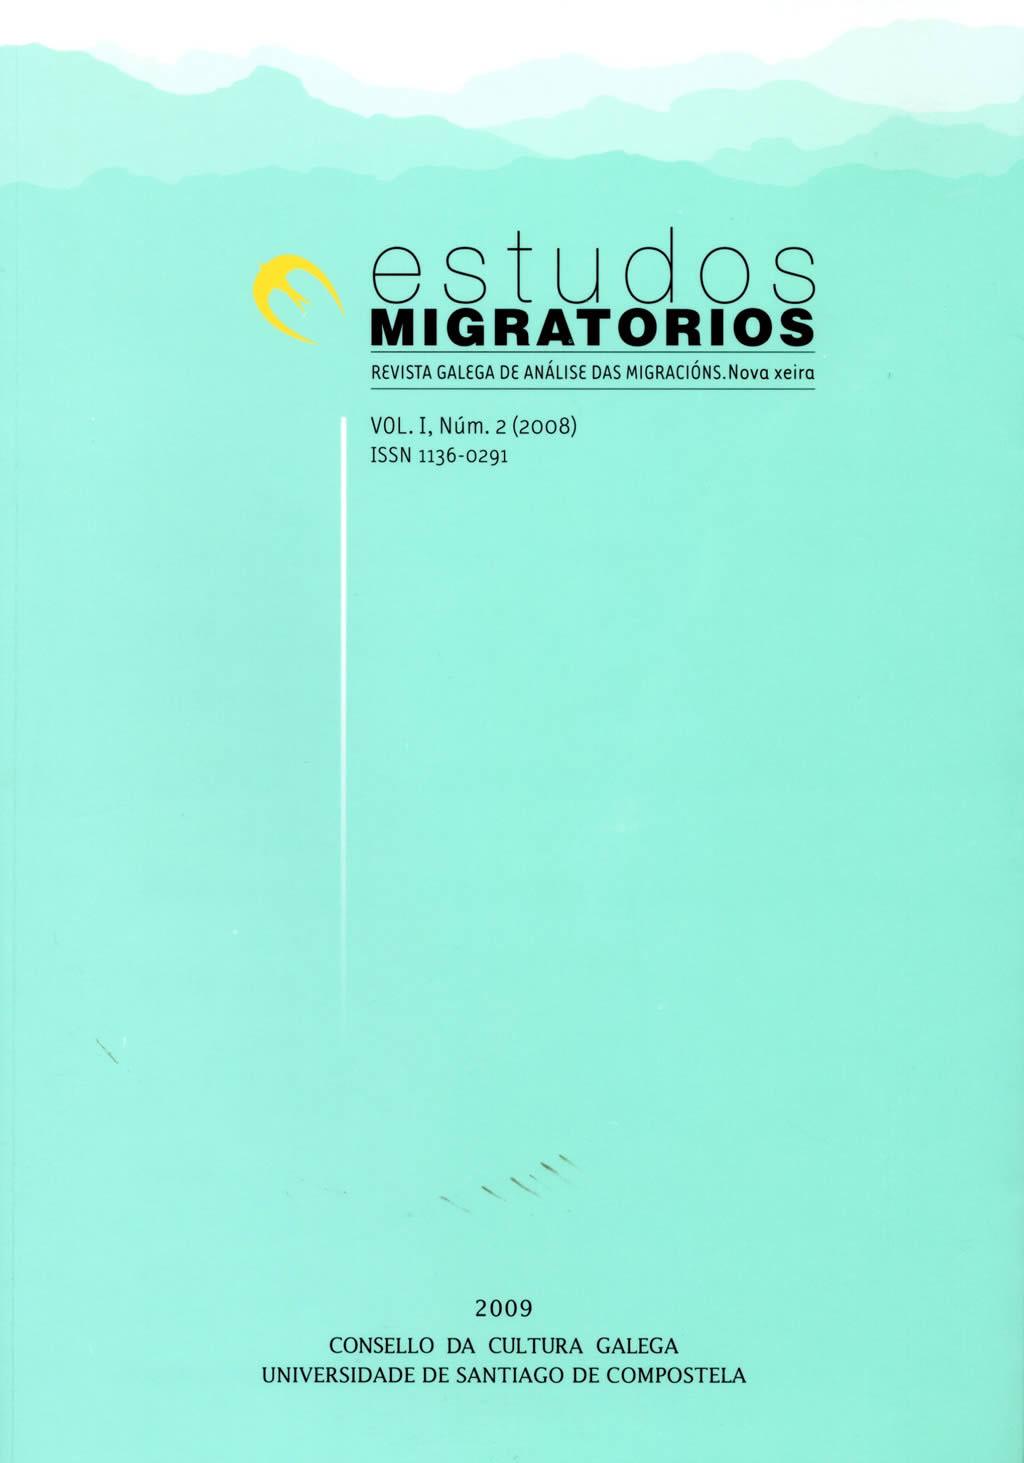 Portada de  Estudos Migratorios. Revista Galega de Análise das Migracións. V. I, N.º 2 (2008)